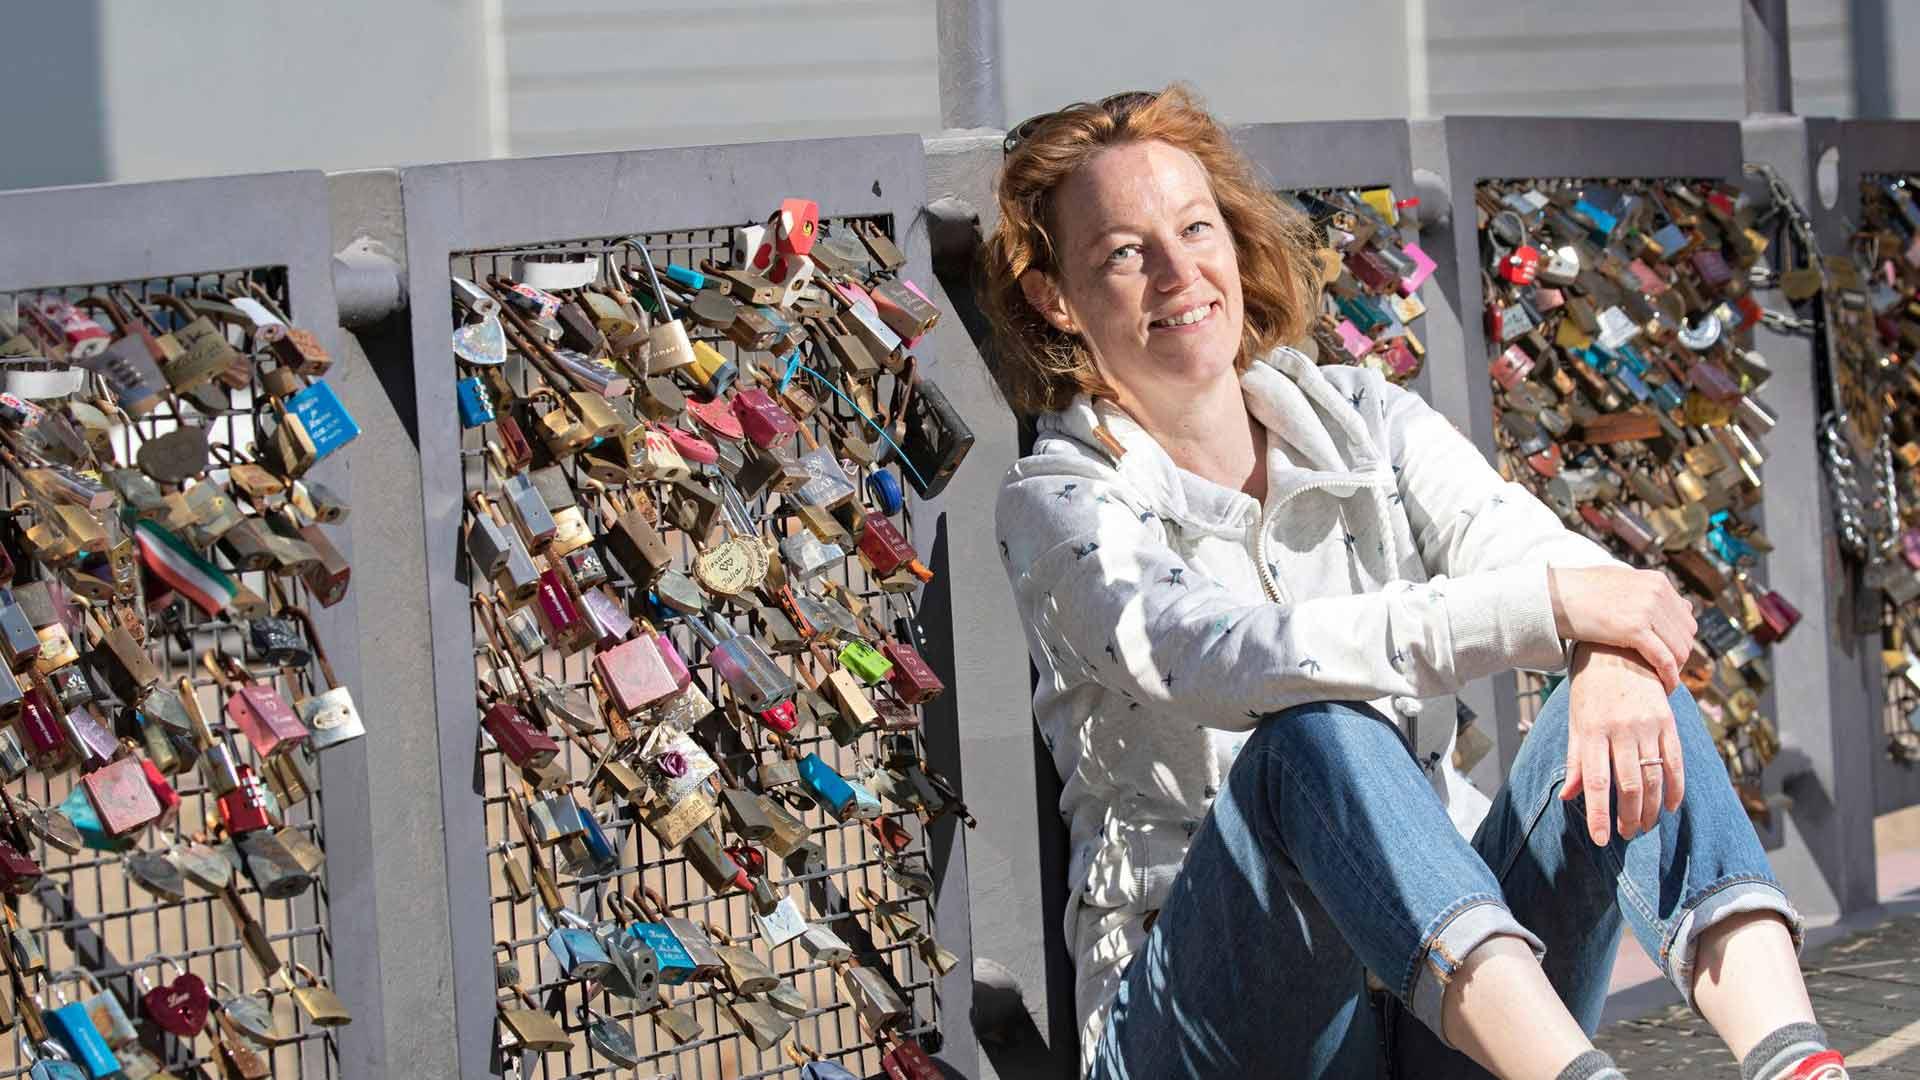 Paula Tiessalo teki kirjan moninaisista parisuhteista ja oli vaikuttunut, kuinka monella tavalla ihminen voi löytää onnen ja rauhan itselleen.